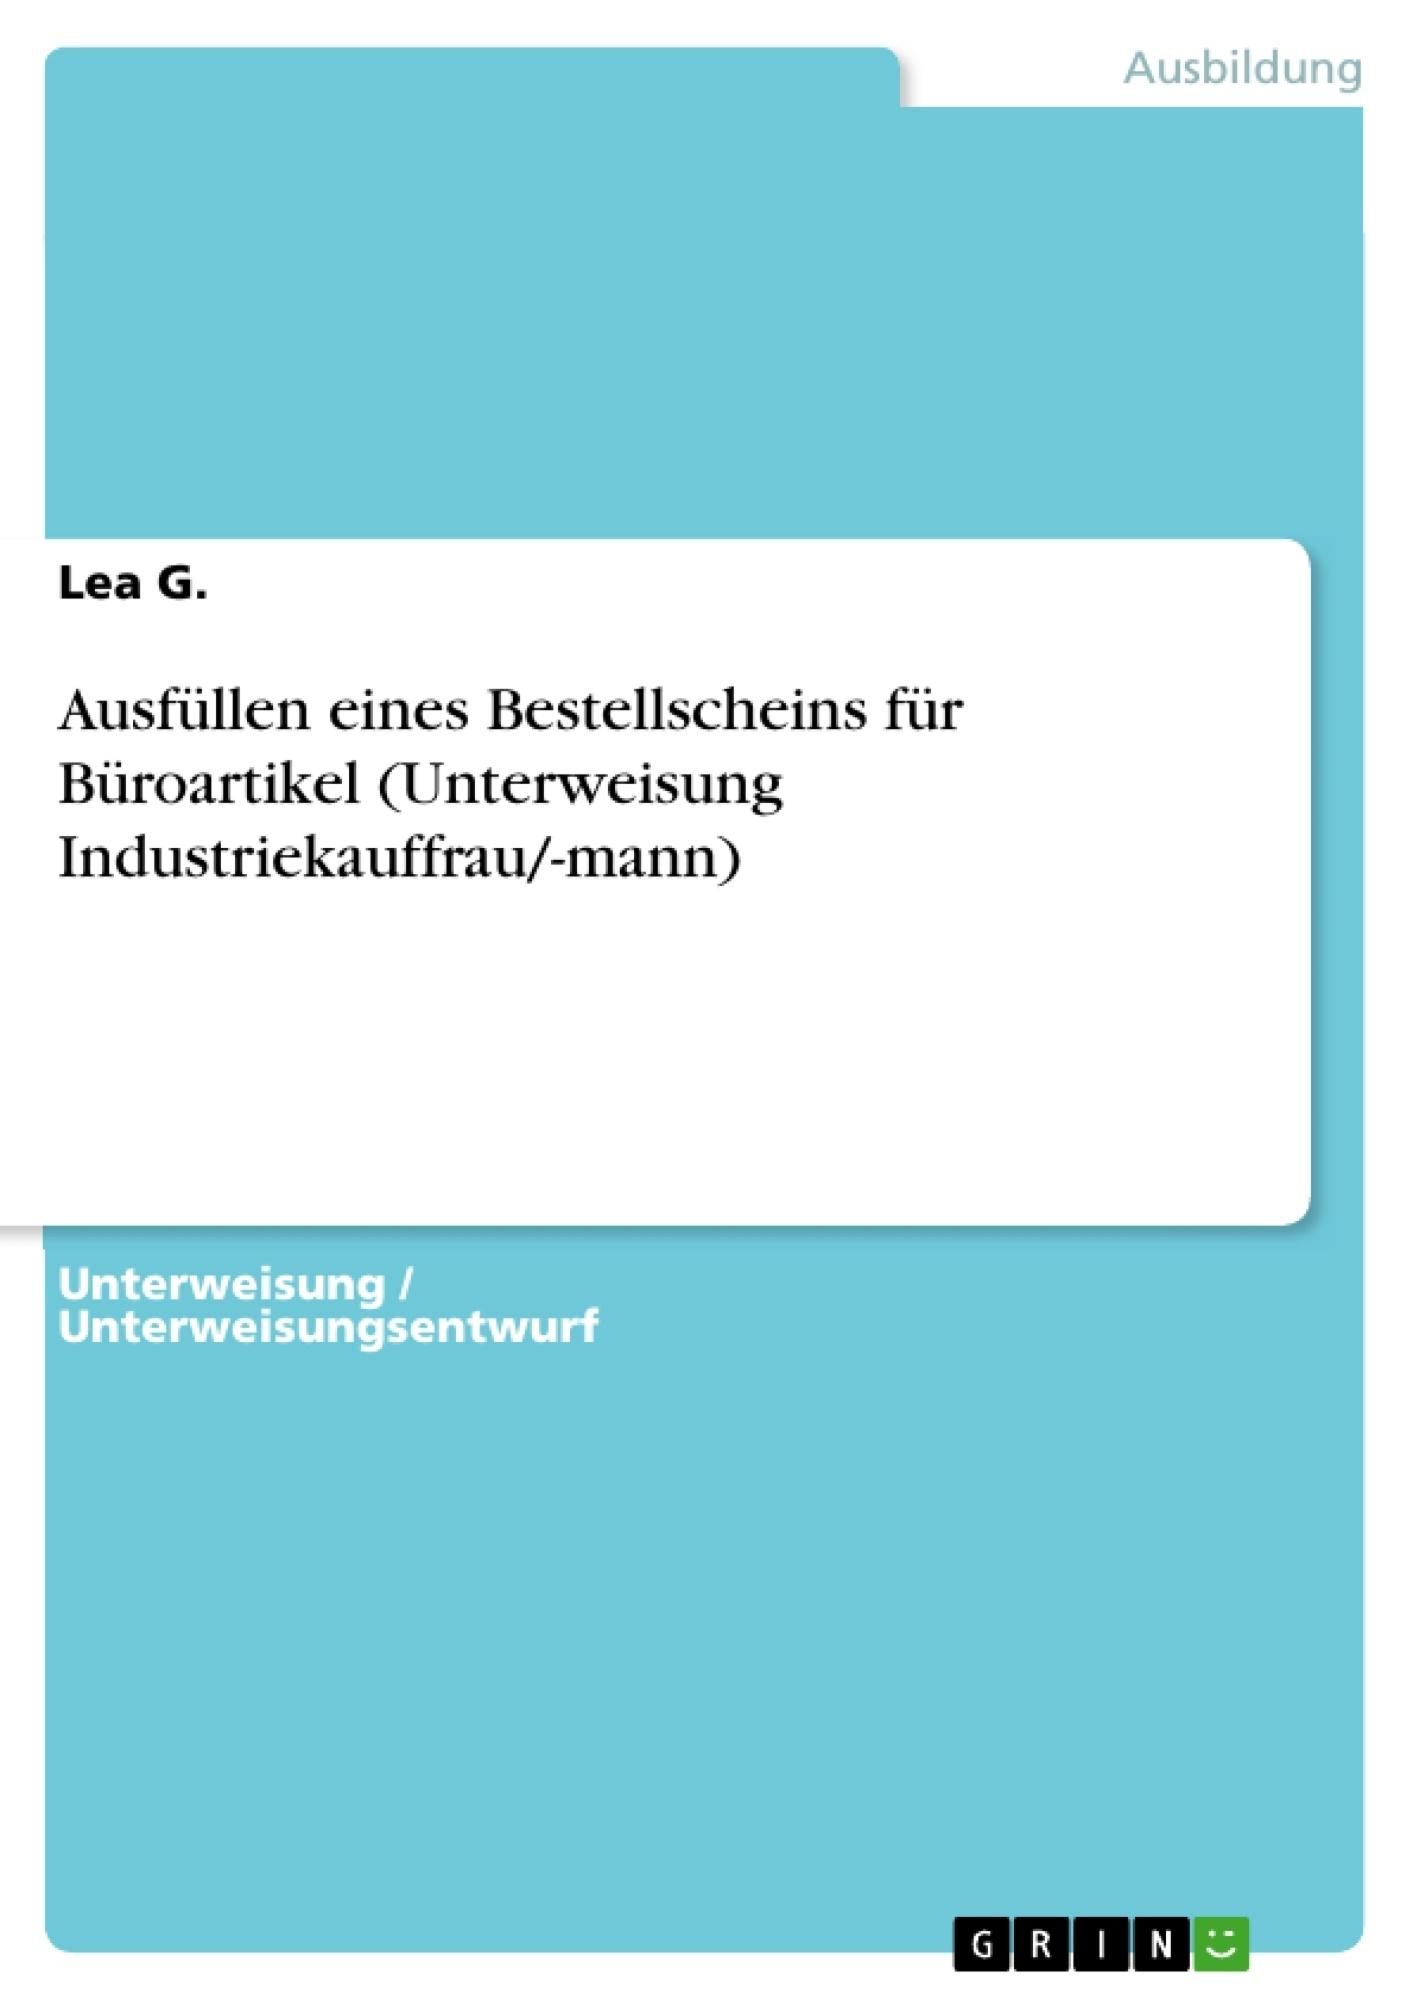 Titel: Ausfüllen eines Bestellscheins für Büroartikel (Unterweisung Industriekauffrau/-mann)